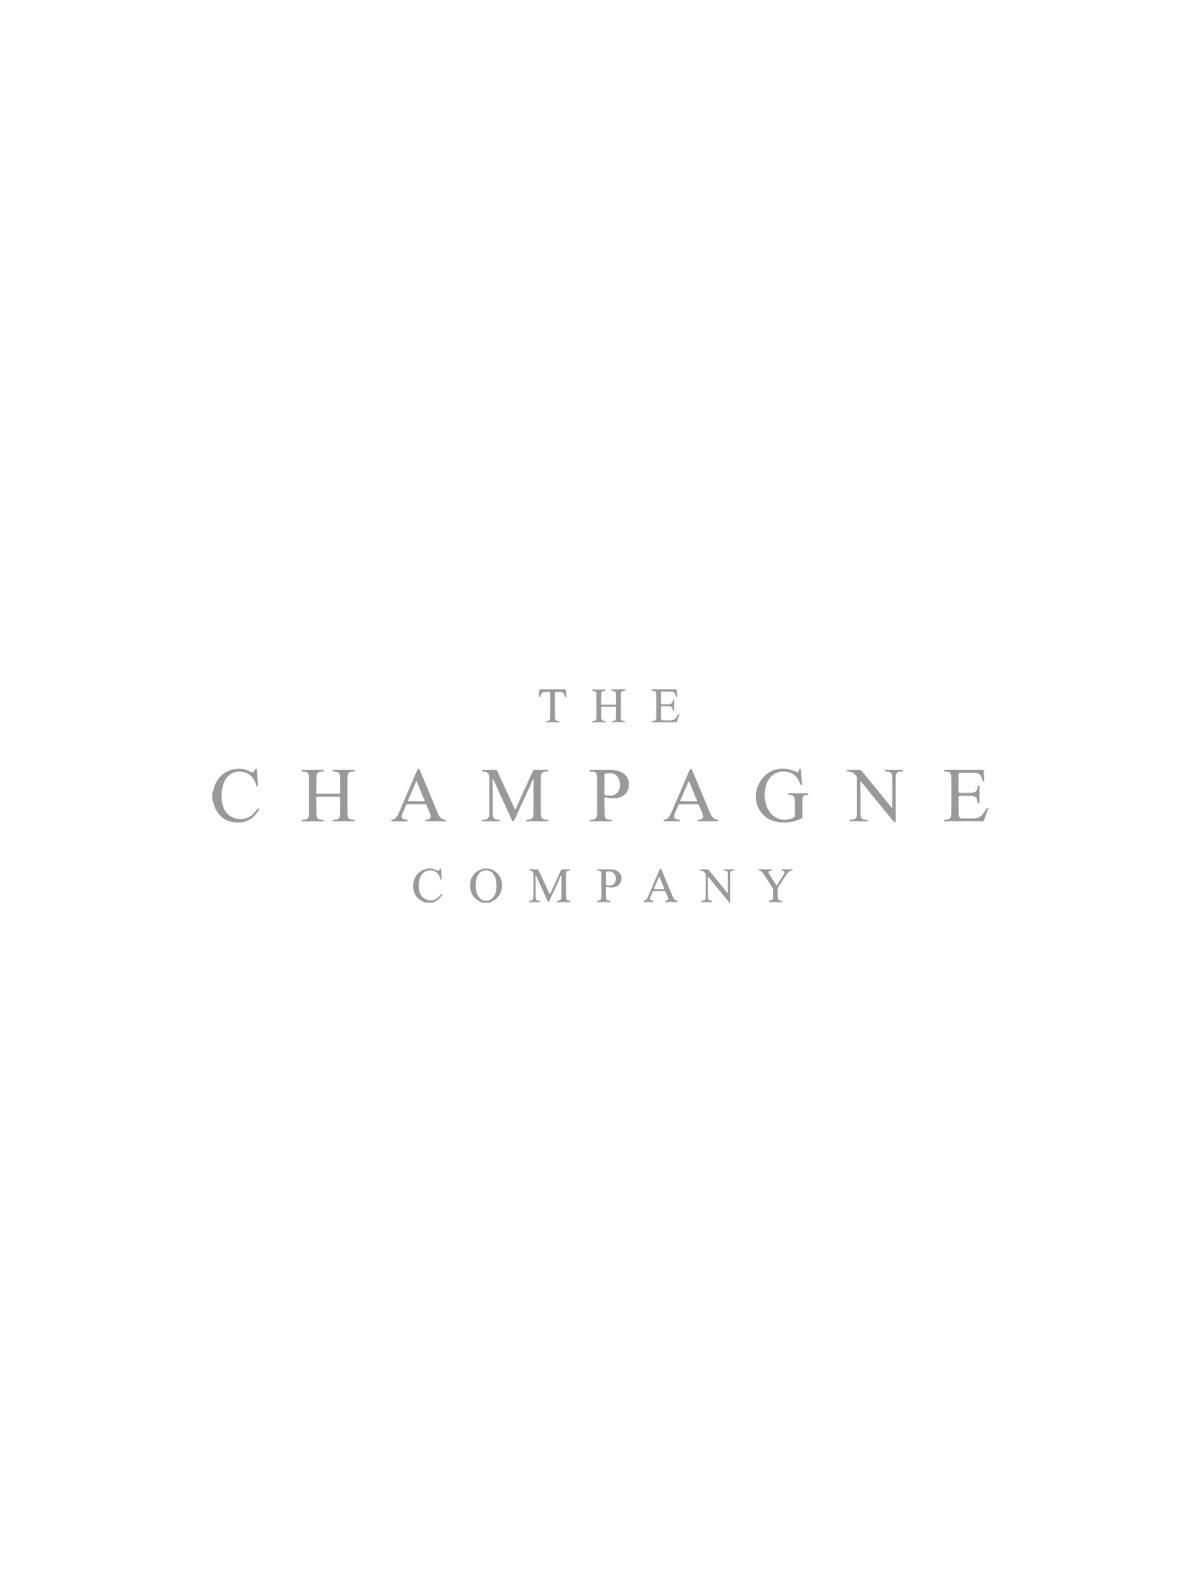 Teichenne Coconut Schnapps Liqueur 70cl